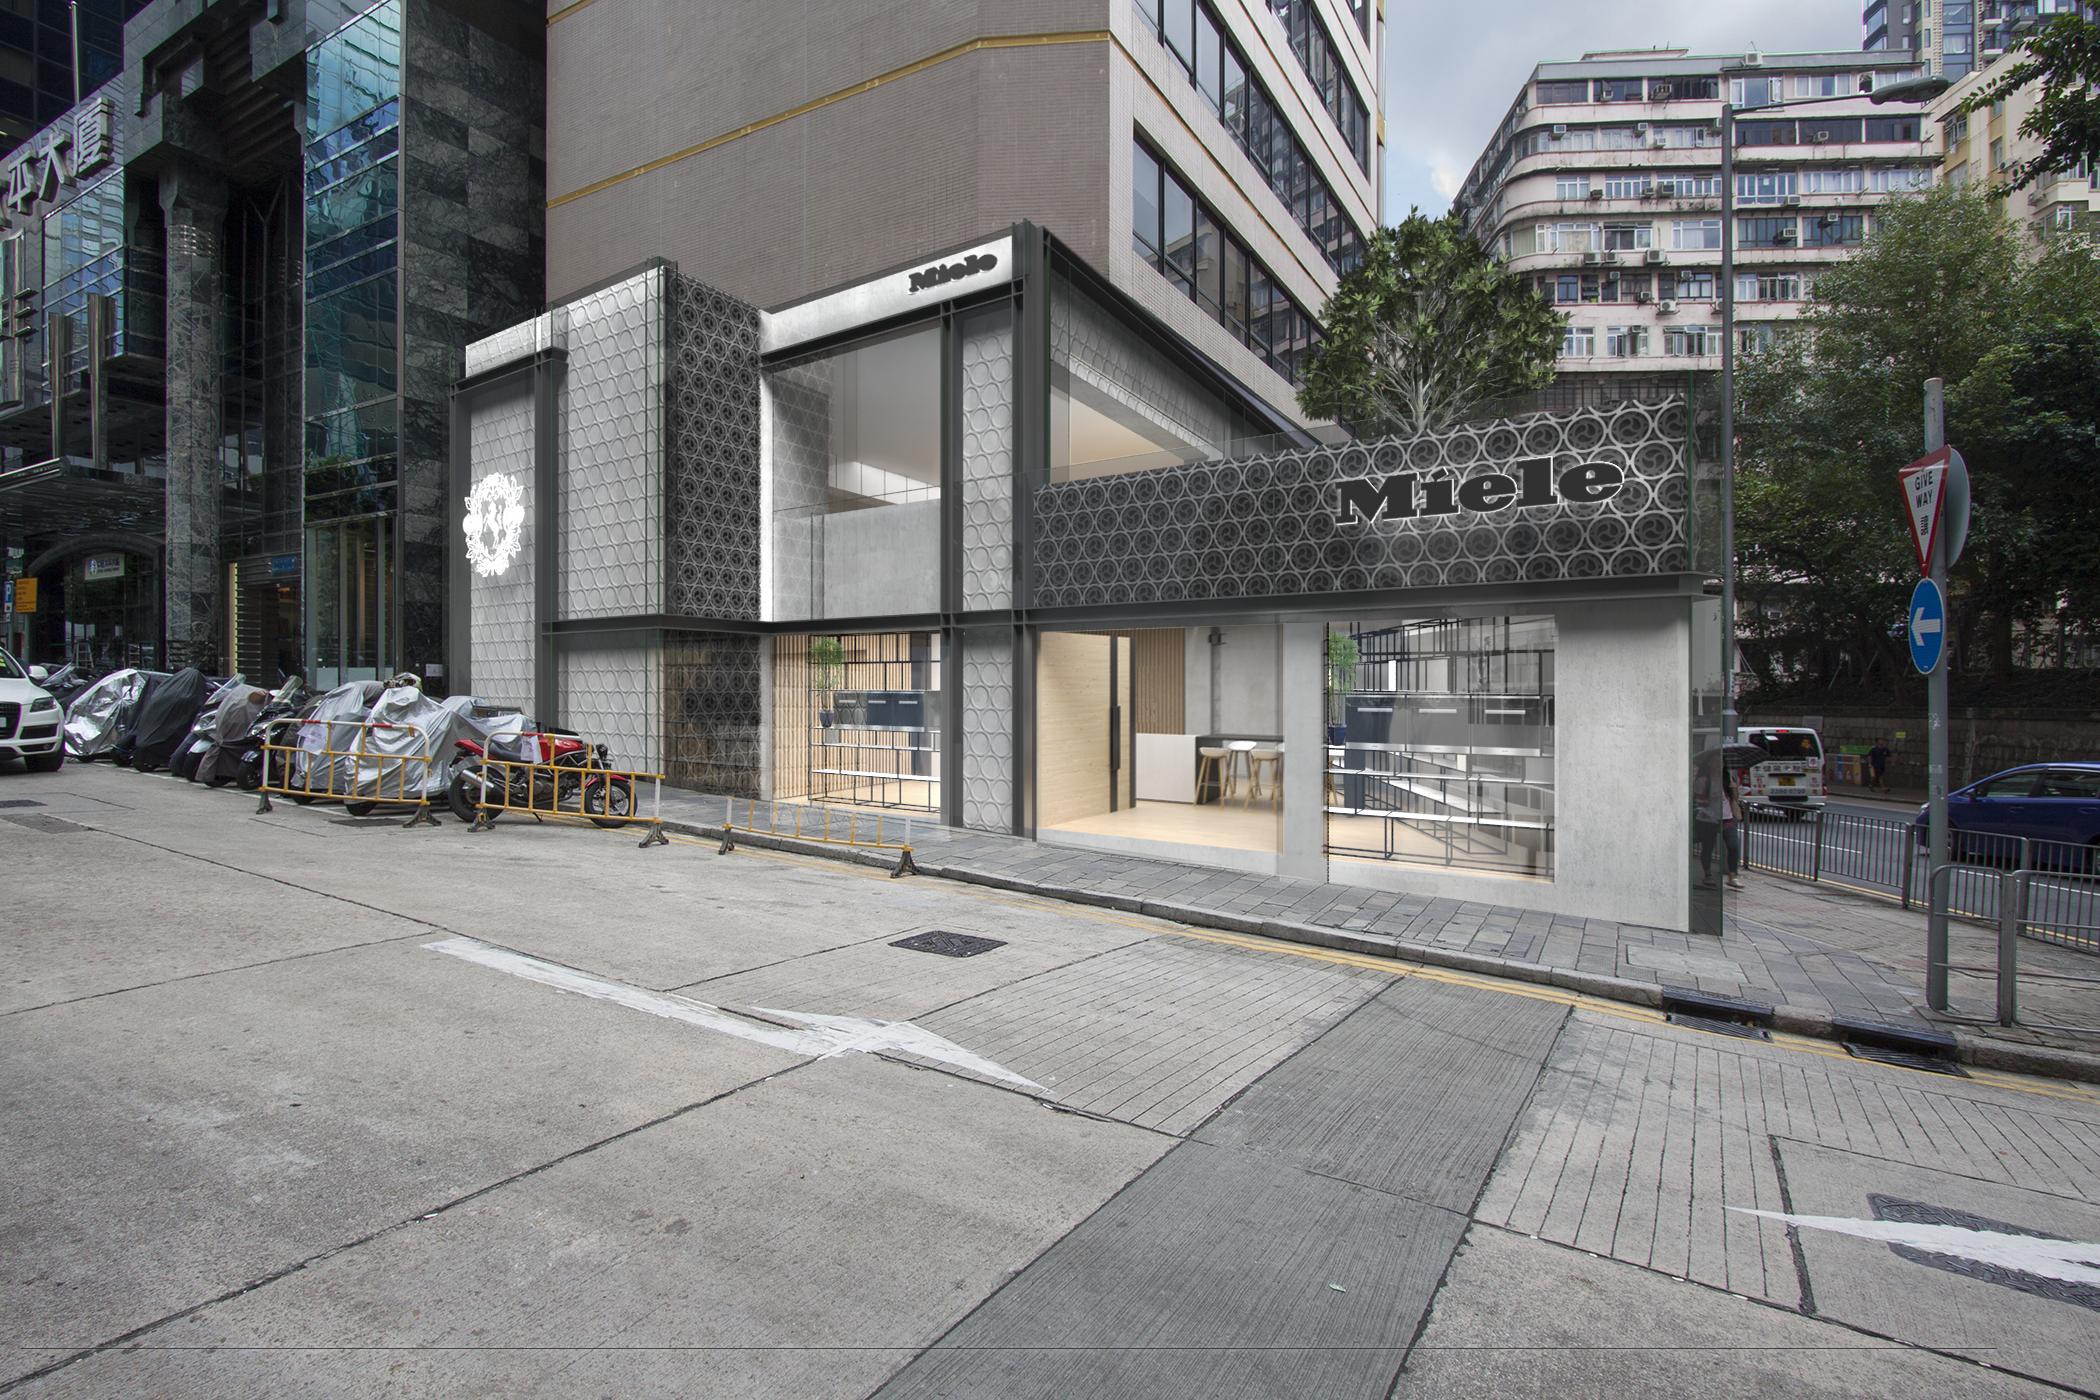 02 Miele Facade Hong Kong.png